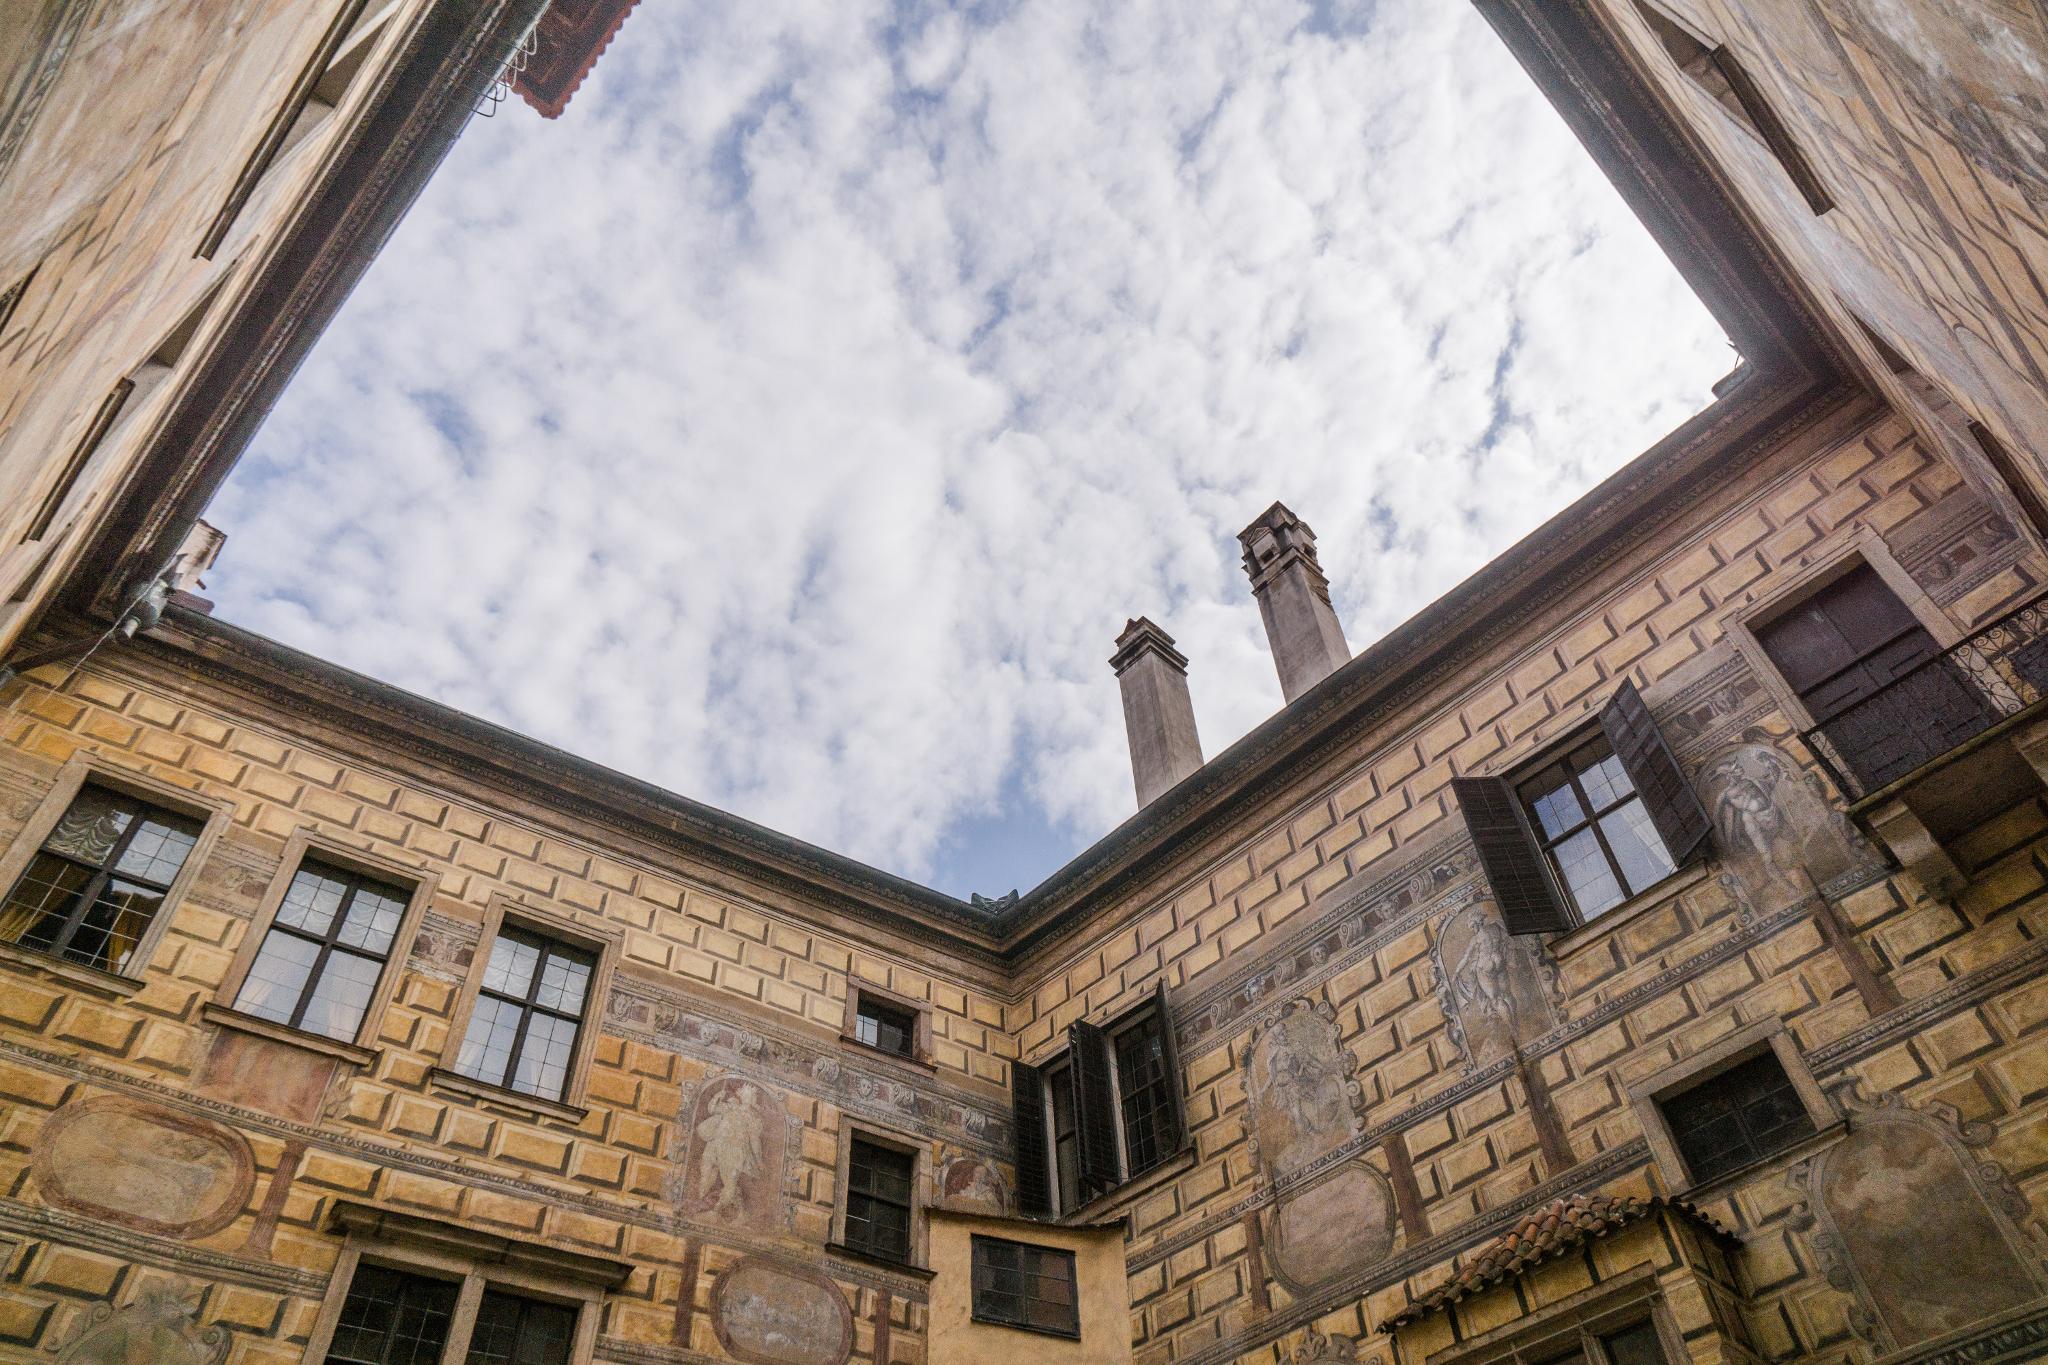 【捷克】穿越時空的波希米亞狂想曲 — Český Krumlov Castle 庫倫諾夫城堡 18